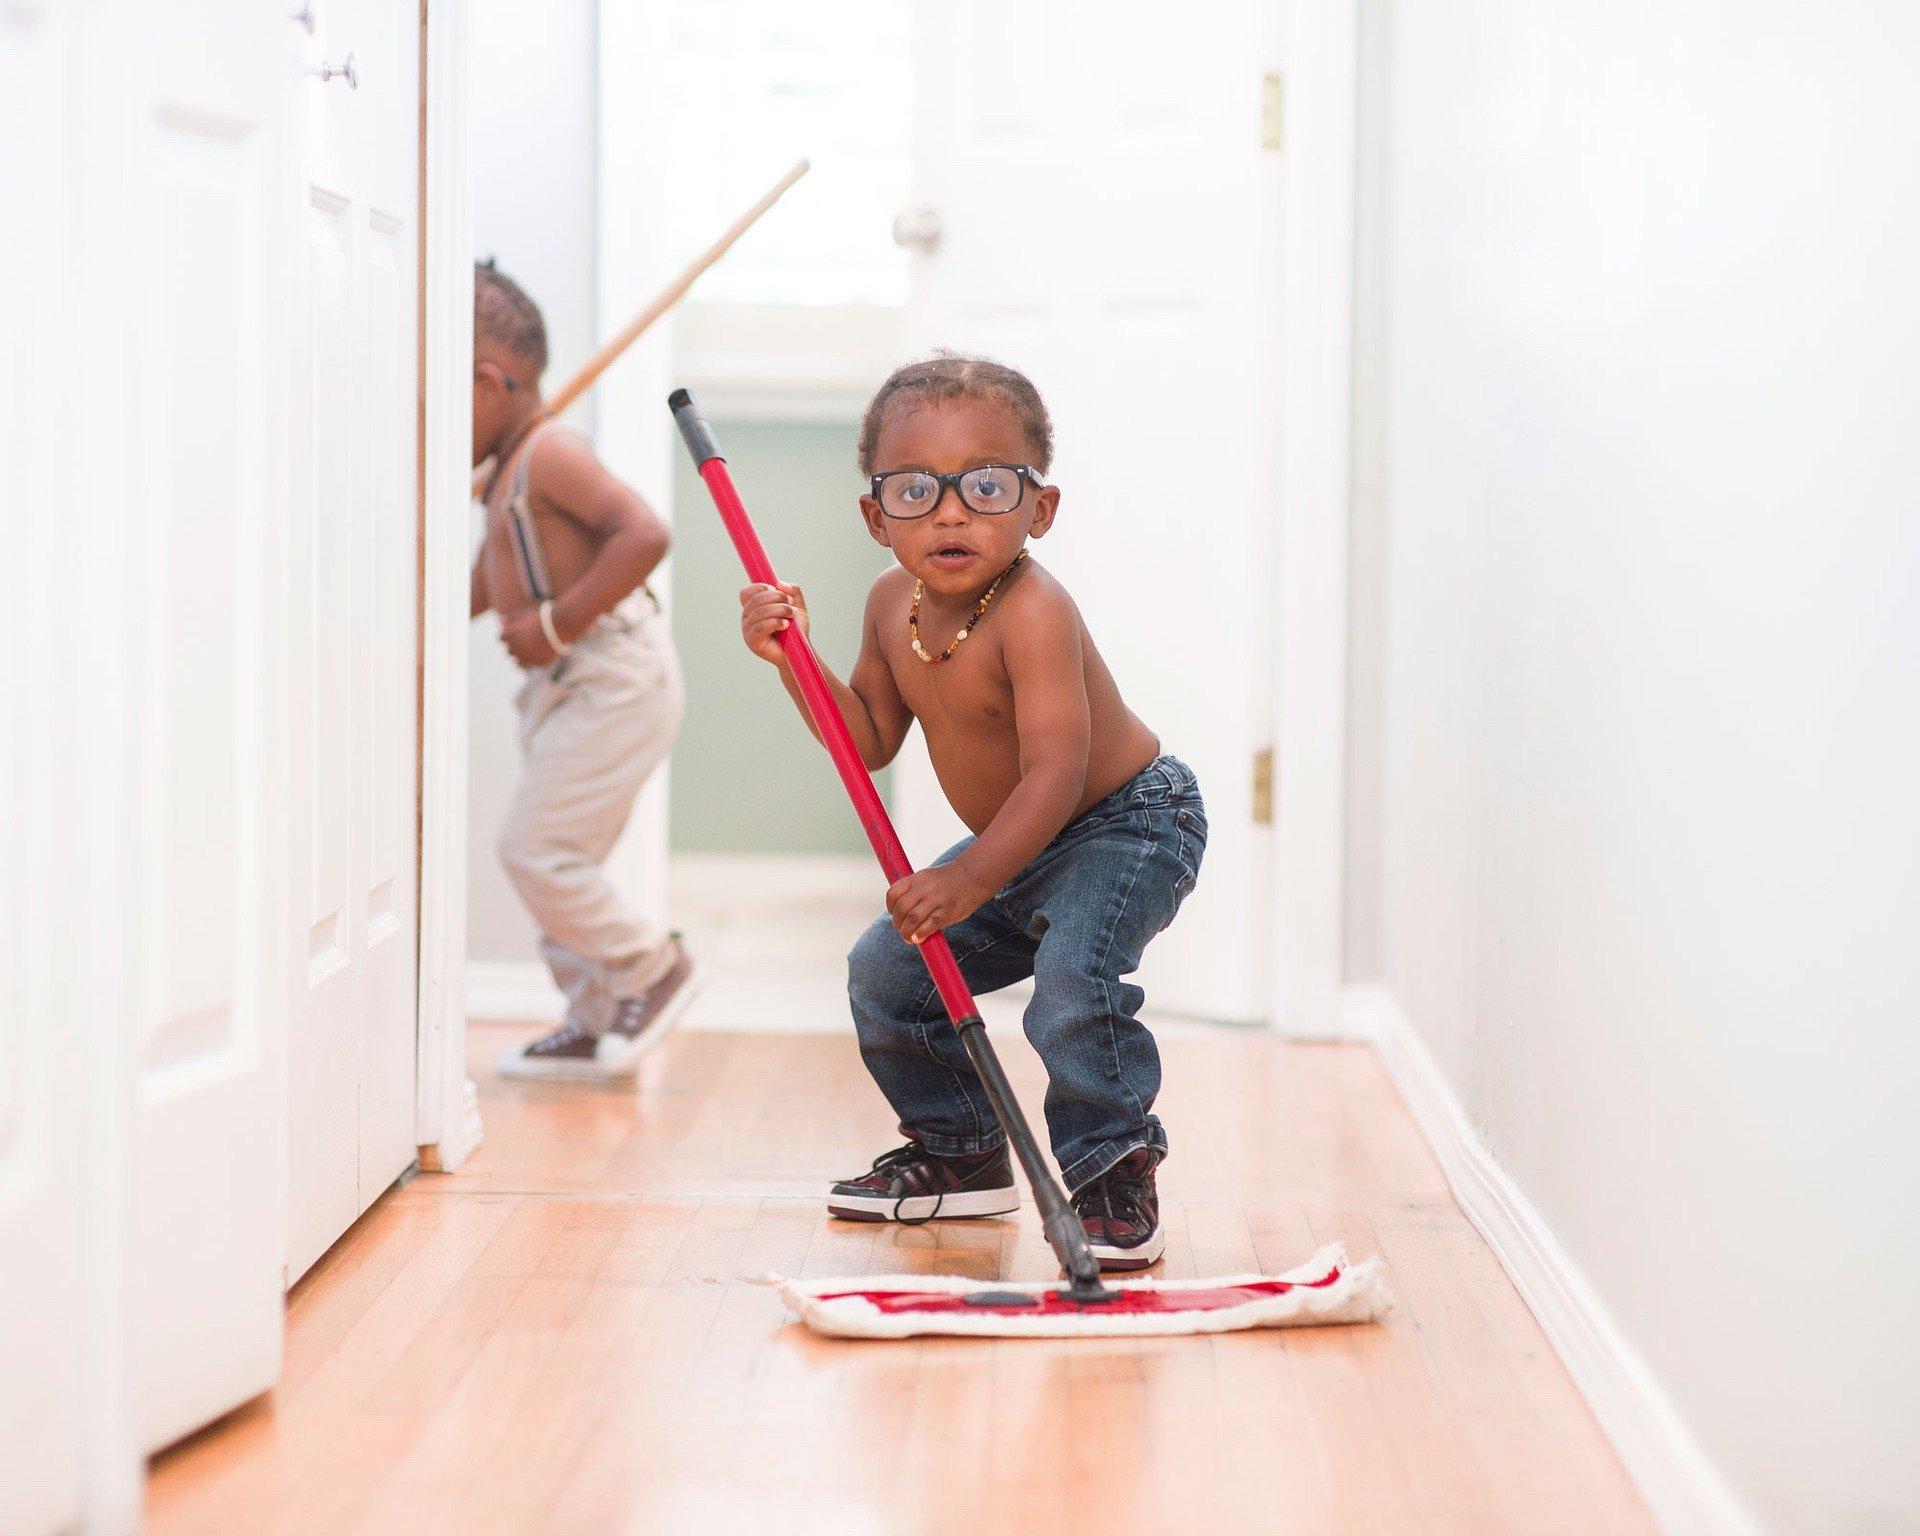 تنظيف غرف الاطفال لدى ستار كلين